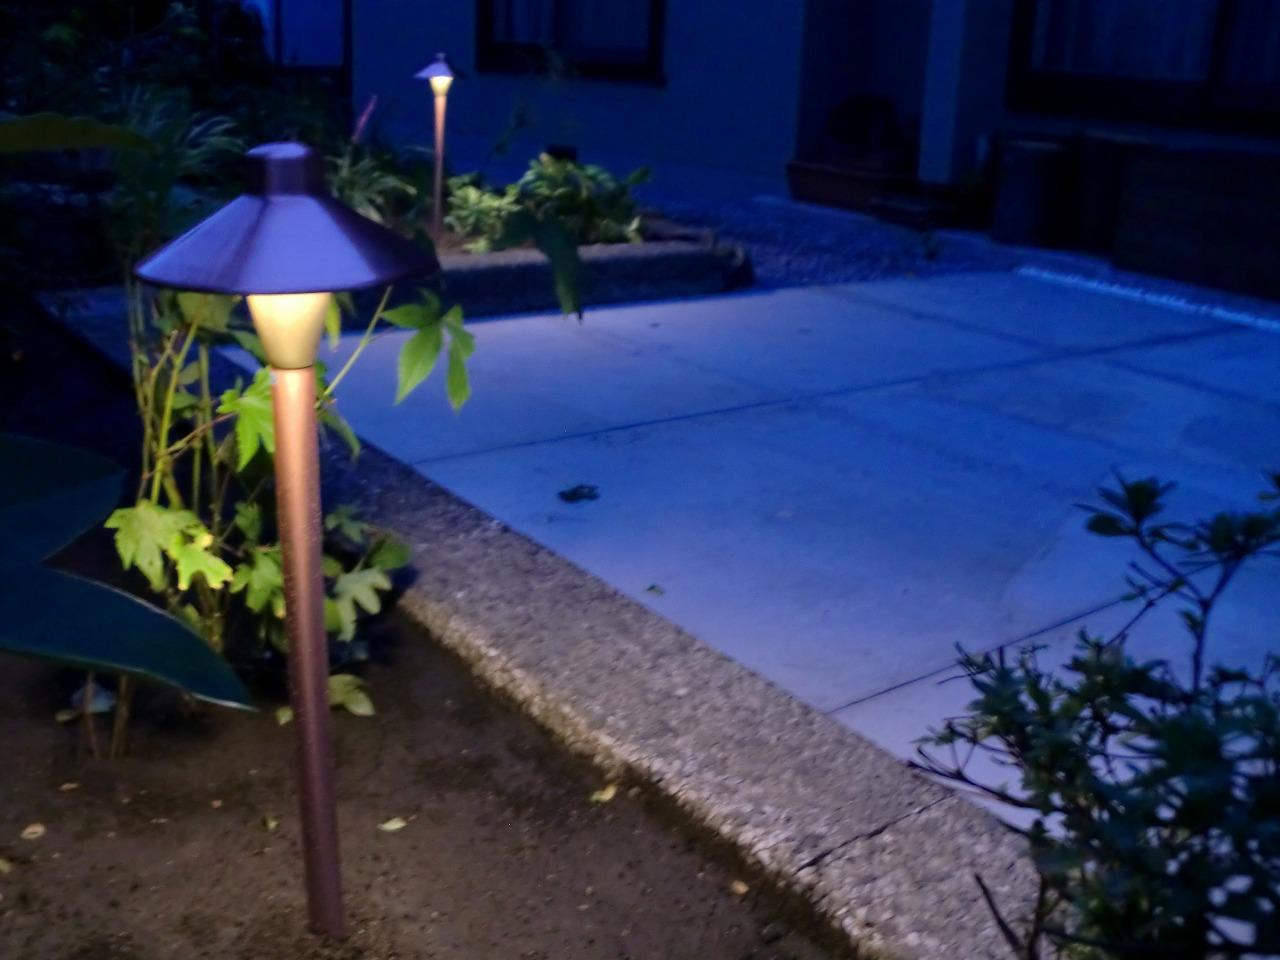 """テラス""""照らす"""" 平間造園株式会社 北海道K様邸 Spectacular garden lighting by lighting professionals. Enjoy a dramatic, romantic, even mysterious scene comparing to a day time."""